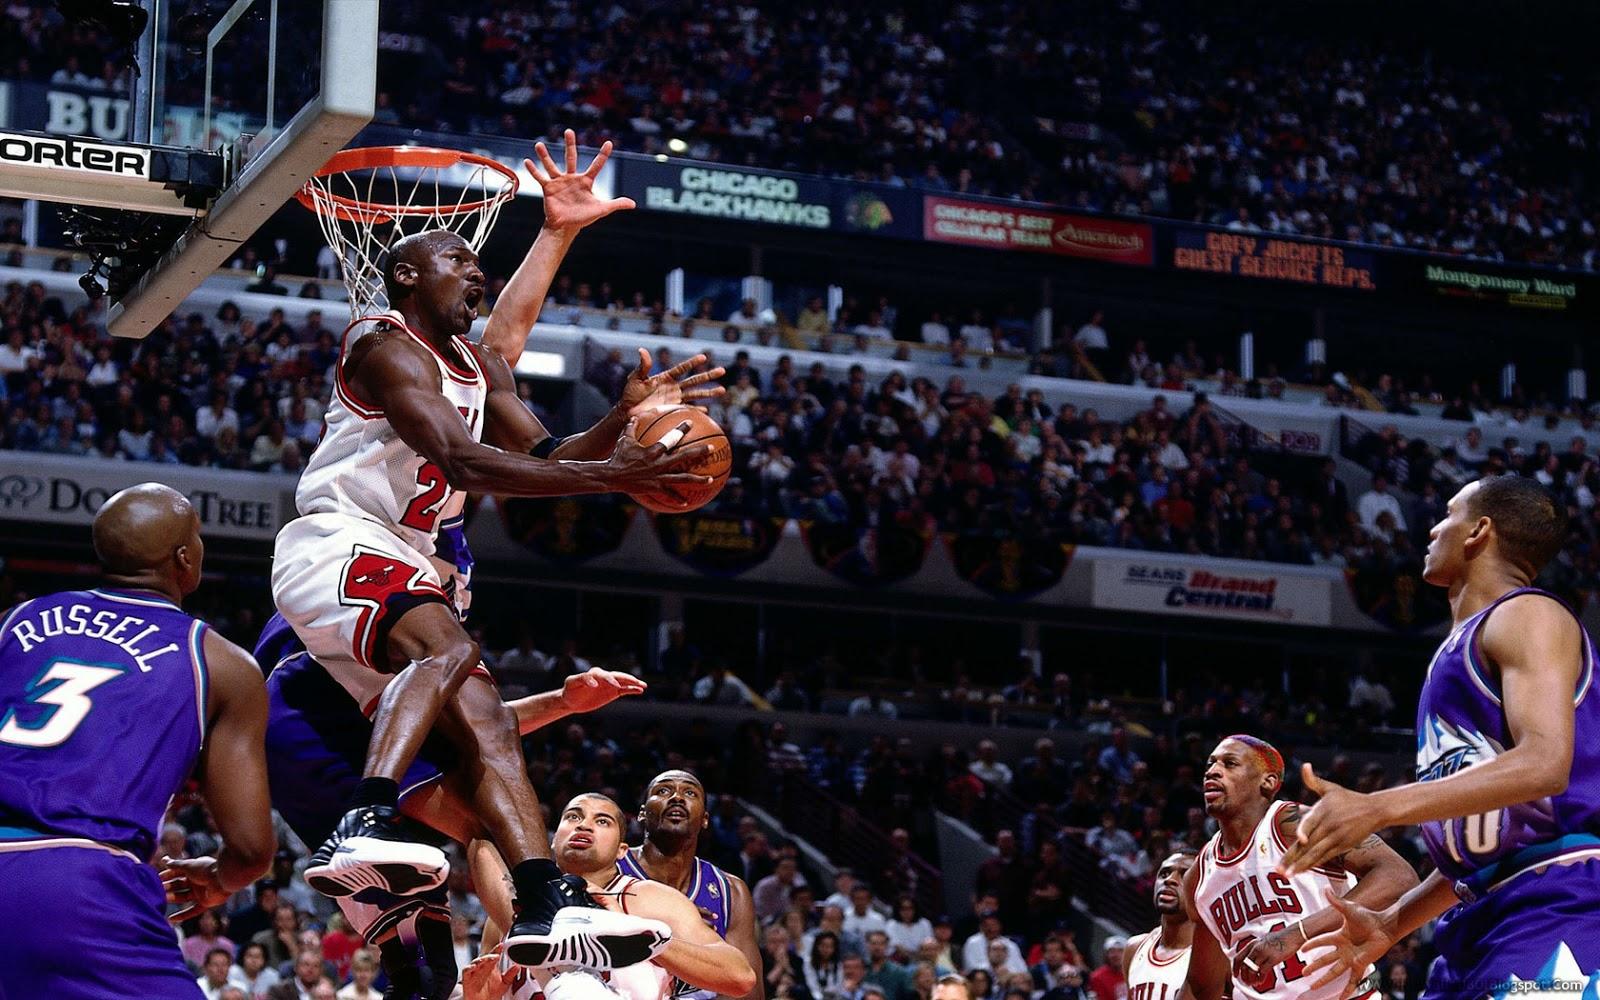 c0a6c30b Факты о баскетболе: удивительная история и развитие спорта в НБА -  Datacube.TV